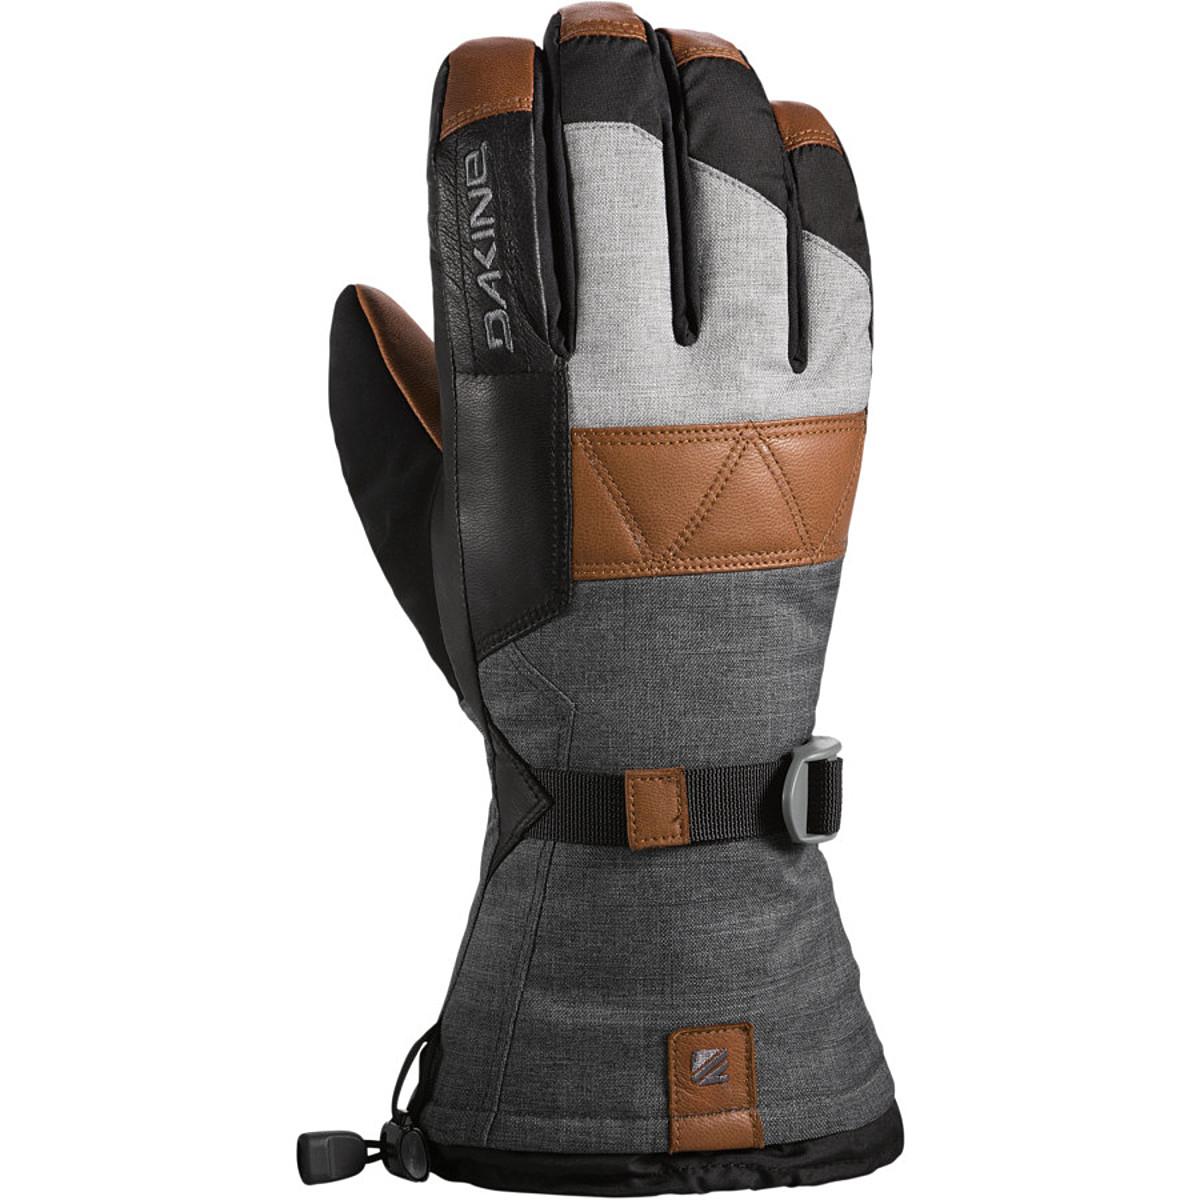 DaKine Ridgeline Glove